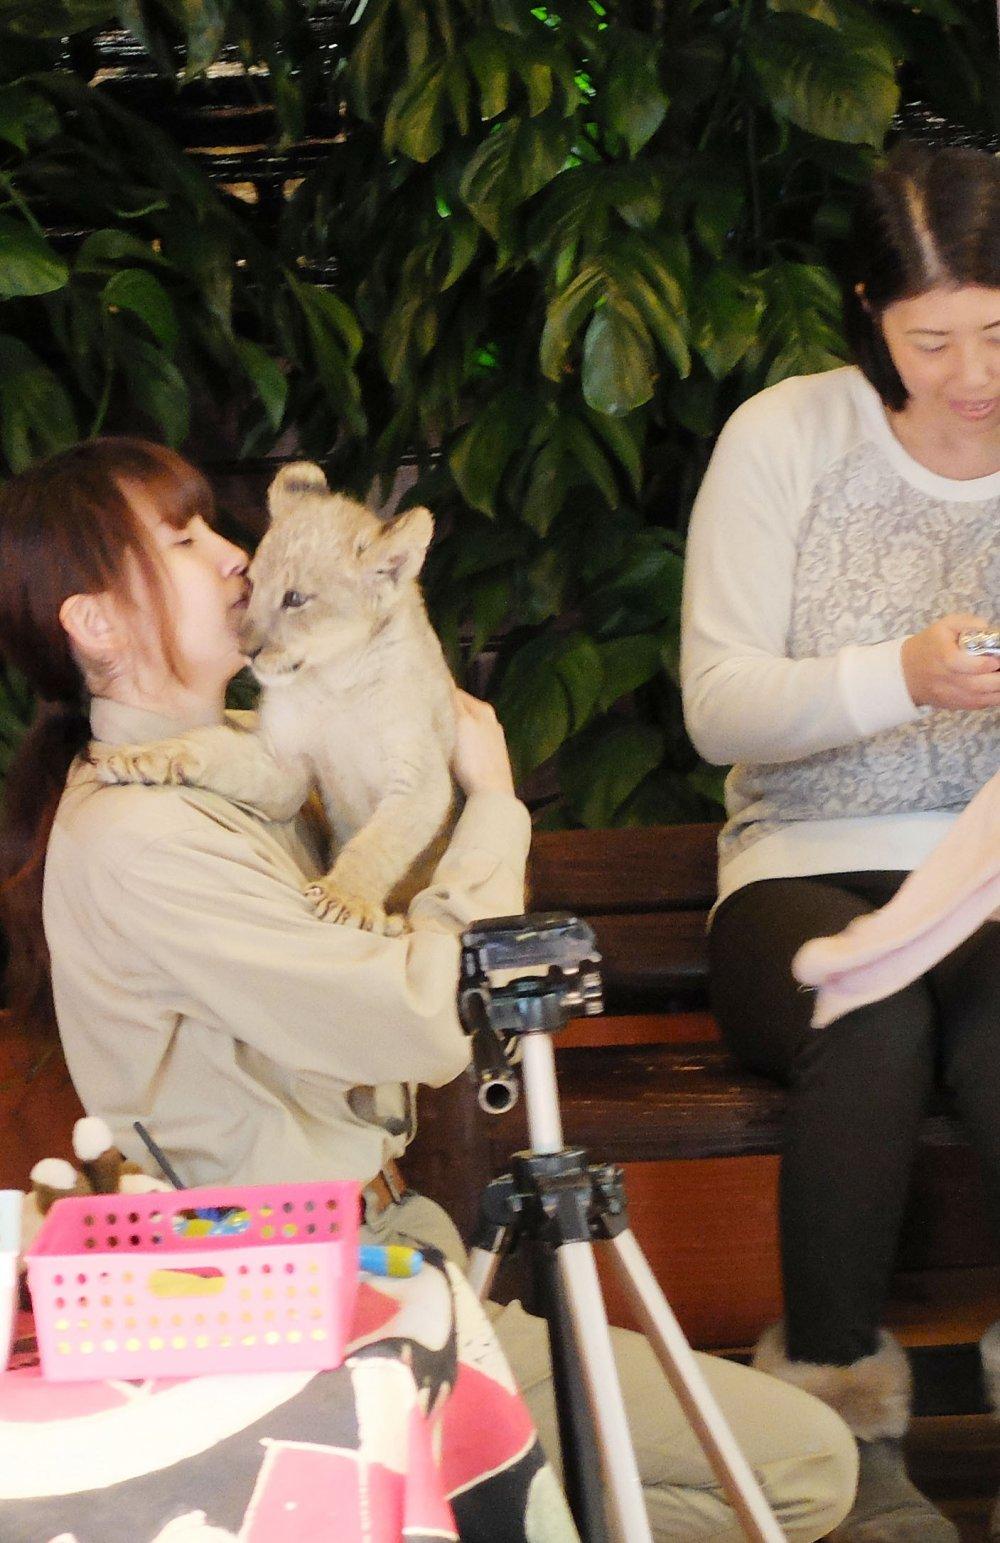 Bạn có thể chụp ảnh với một con sư tử con sau khi bạn vào công viên chỉ cần kiểm tra lịch trình trước thời hạn kể vì sư tử con không phải là luôn sẵn có.